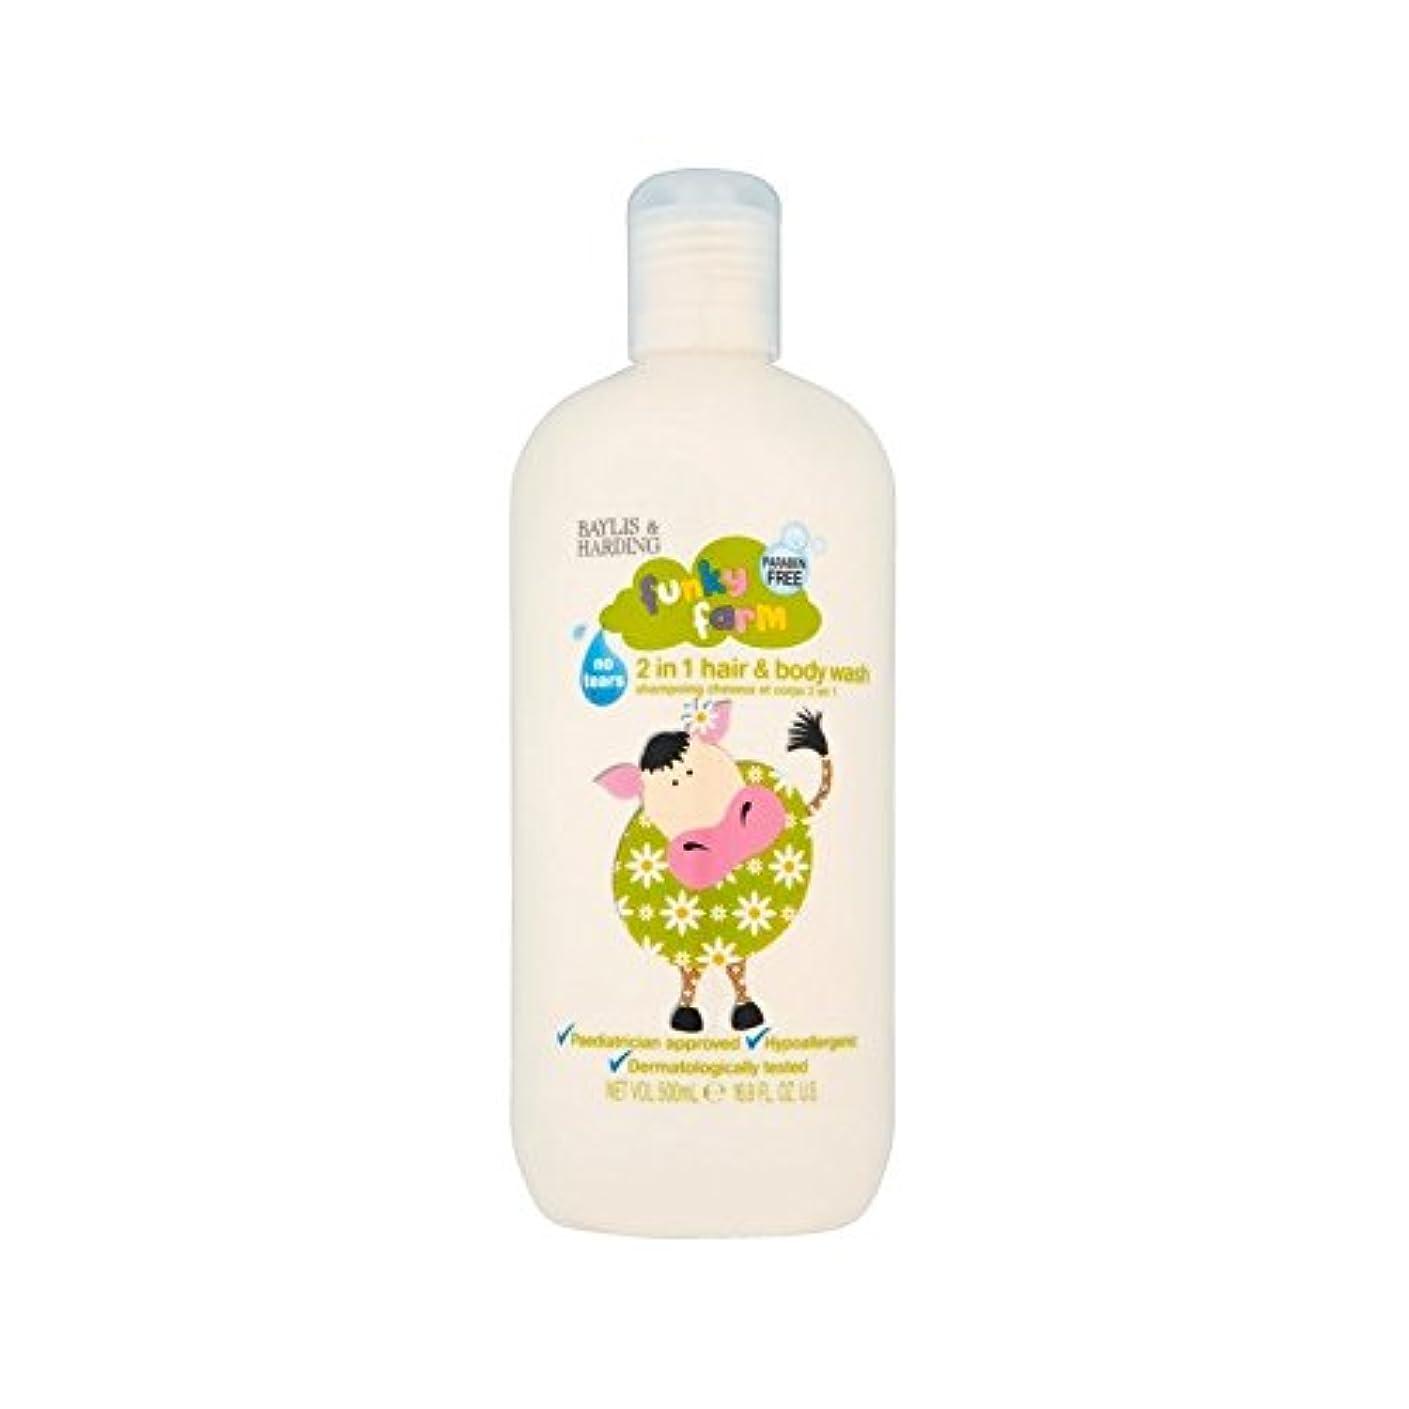 読書背骨耳ファンキーファームのヘア&ボディウォッシュ500ミリリットル (Baylis & Harding) (x 6) - Baylis & Harding Funky Farm Hair & Body Wash 500ml (Pack of 6) [並行輸入品]